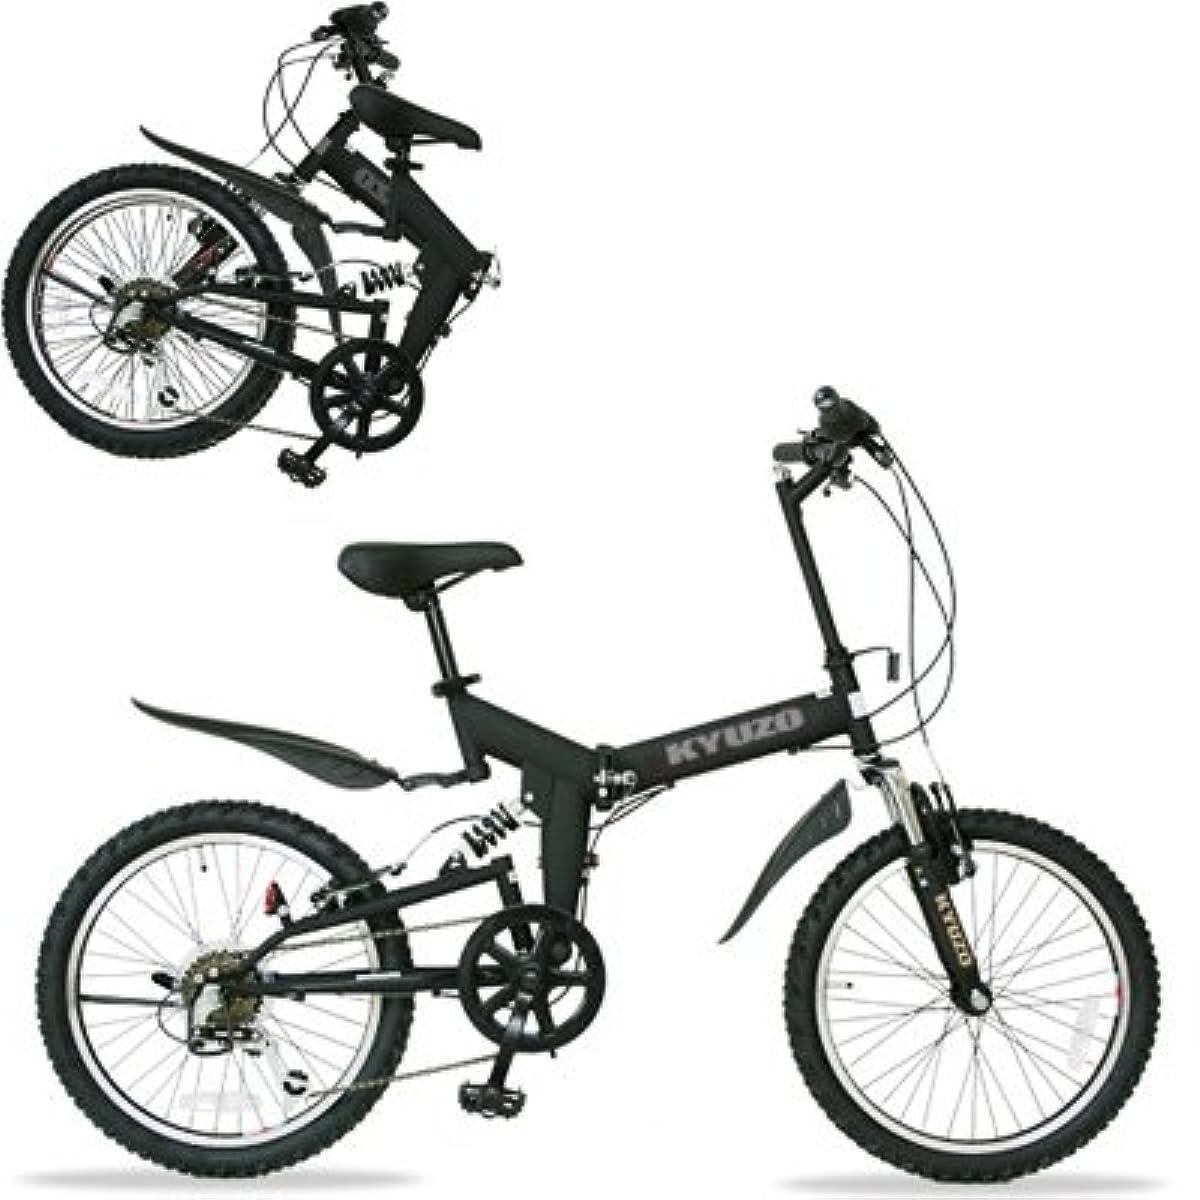 [해외] KYUZO 20인치 접이식 자전거 6 단변속에 ZOOM제 프론트 사스,리어 사스를 탑재한 자전거의 9 장별도 주MTB! KZ-100 (매트 블랙)